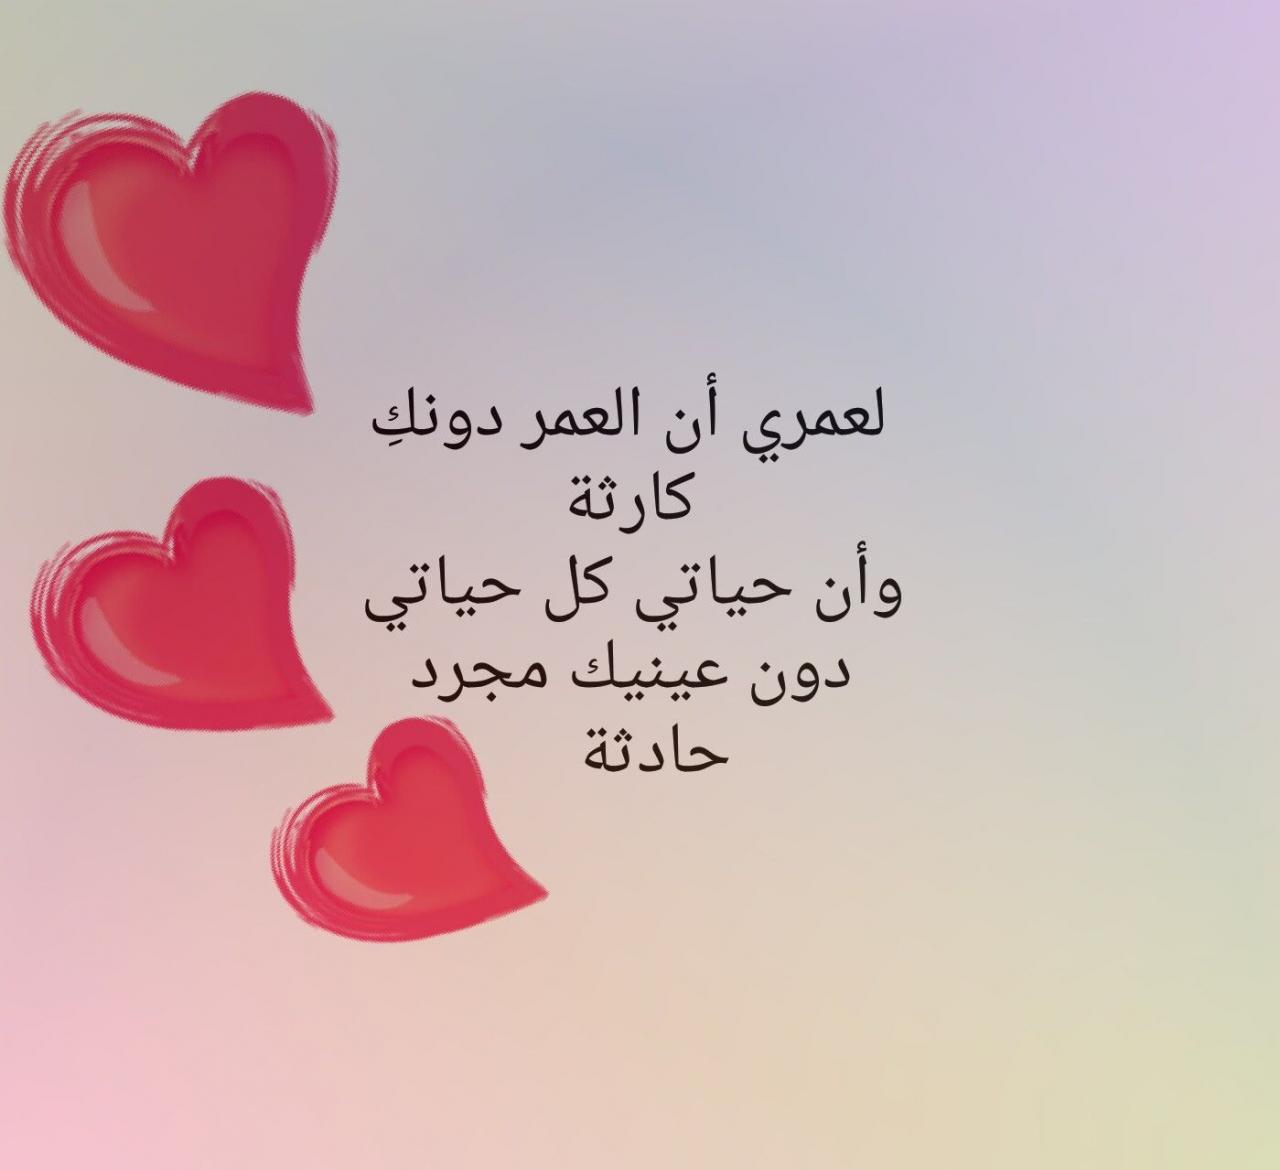 صورة قصيدة في الحب , كلمات جميلة عن الحب